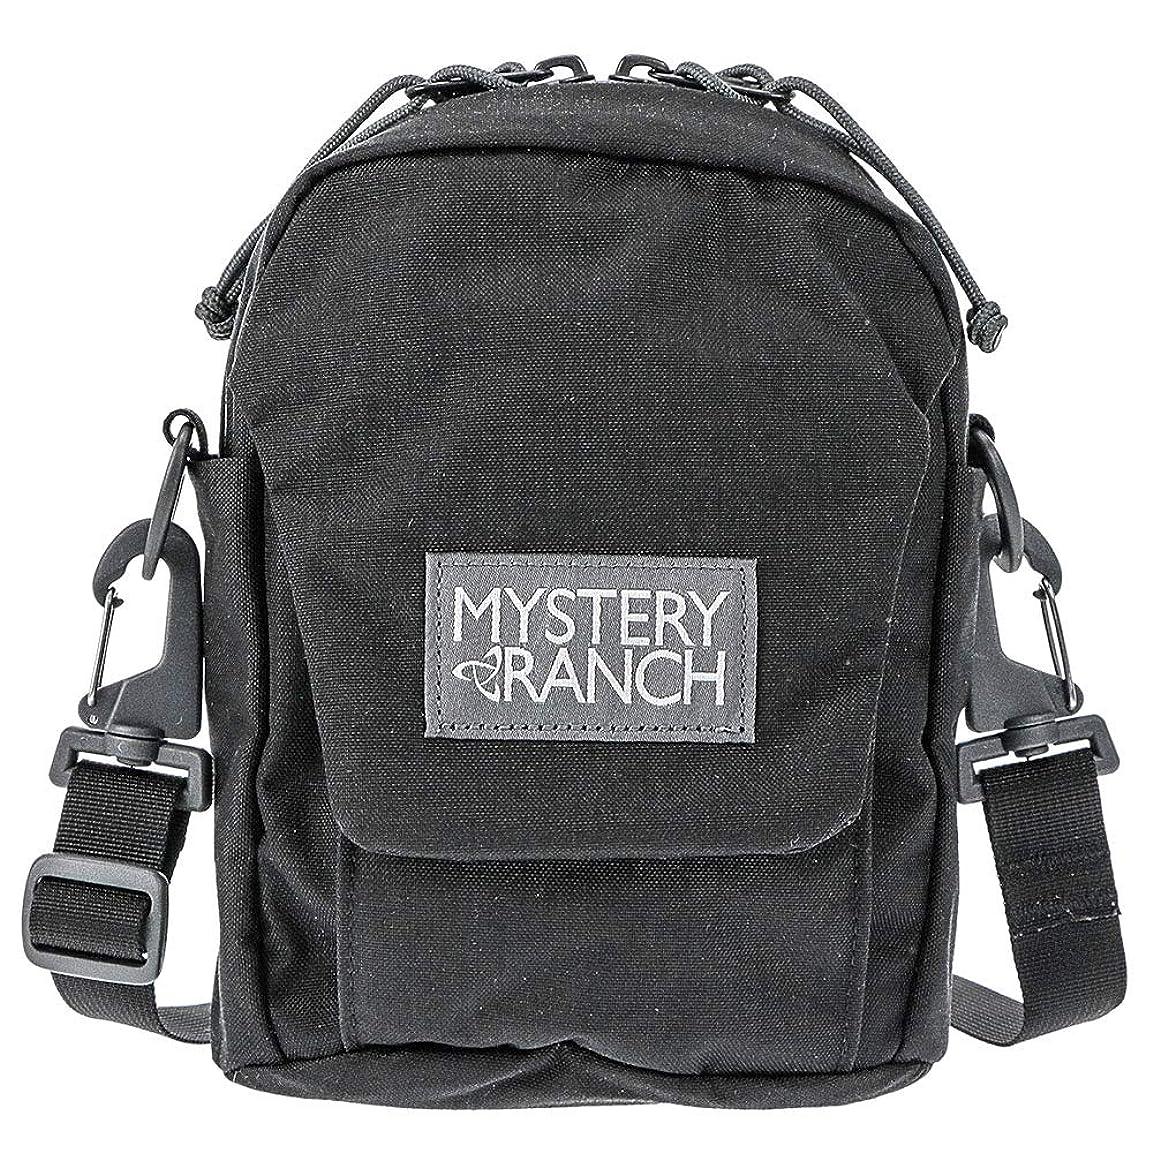 起きる拾うクラッシュMYSTERY RANCH(ミステリーランチ) ショルダーパック 斜め掛け ビッグボップ BIG BOP BLACK ブラック メンズ レディース バッグ [並行輸入品]